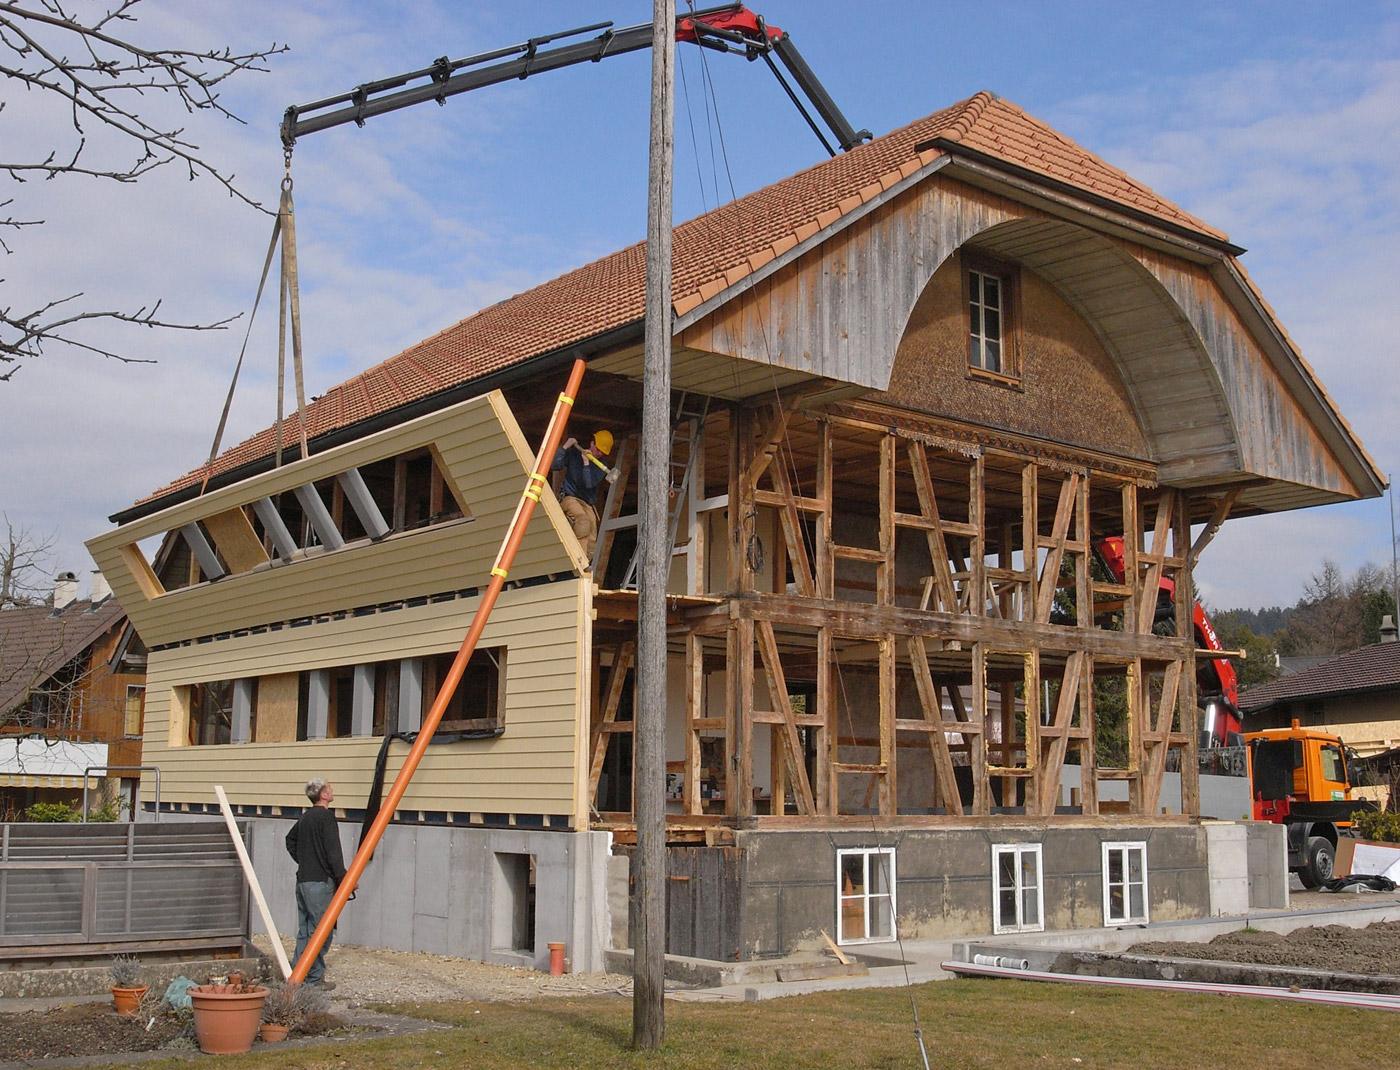 Holzbau Schreinerei Umbau Holzbausanierung